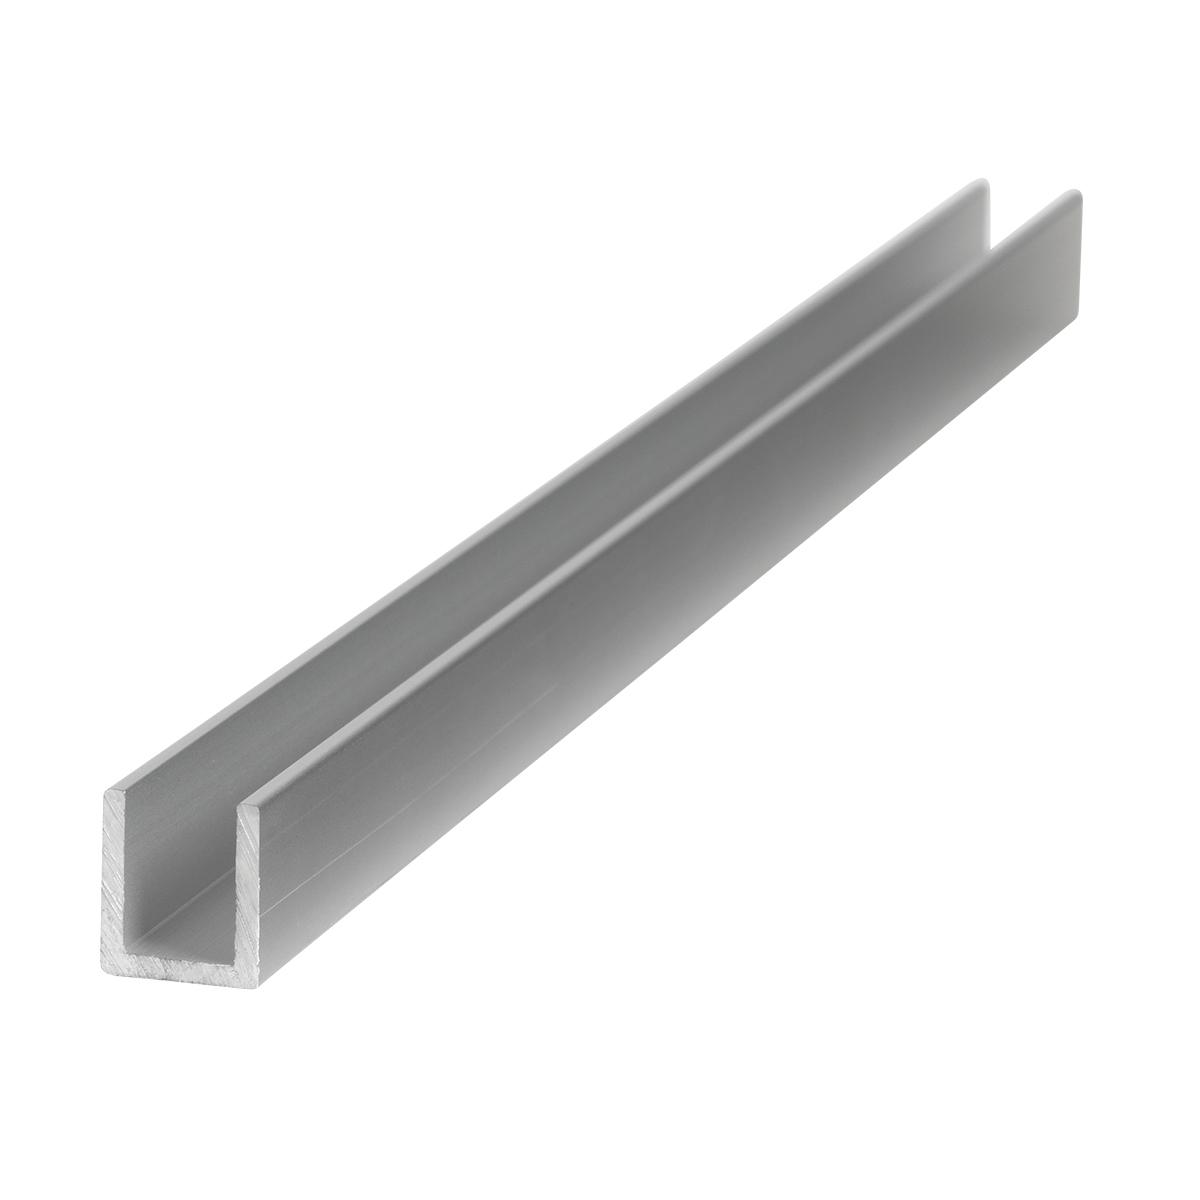 U-Profil zu 10 mm